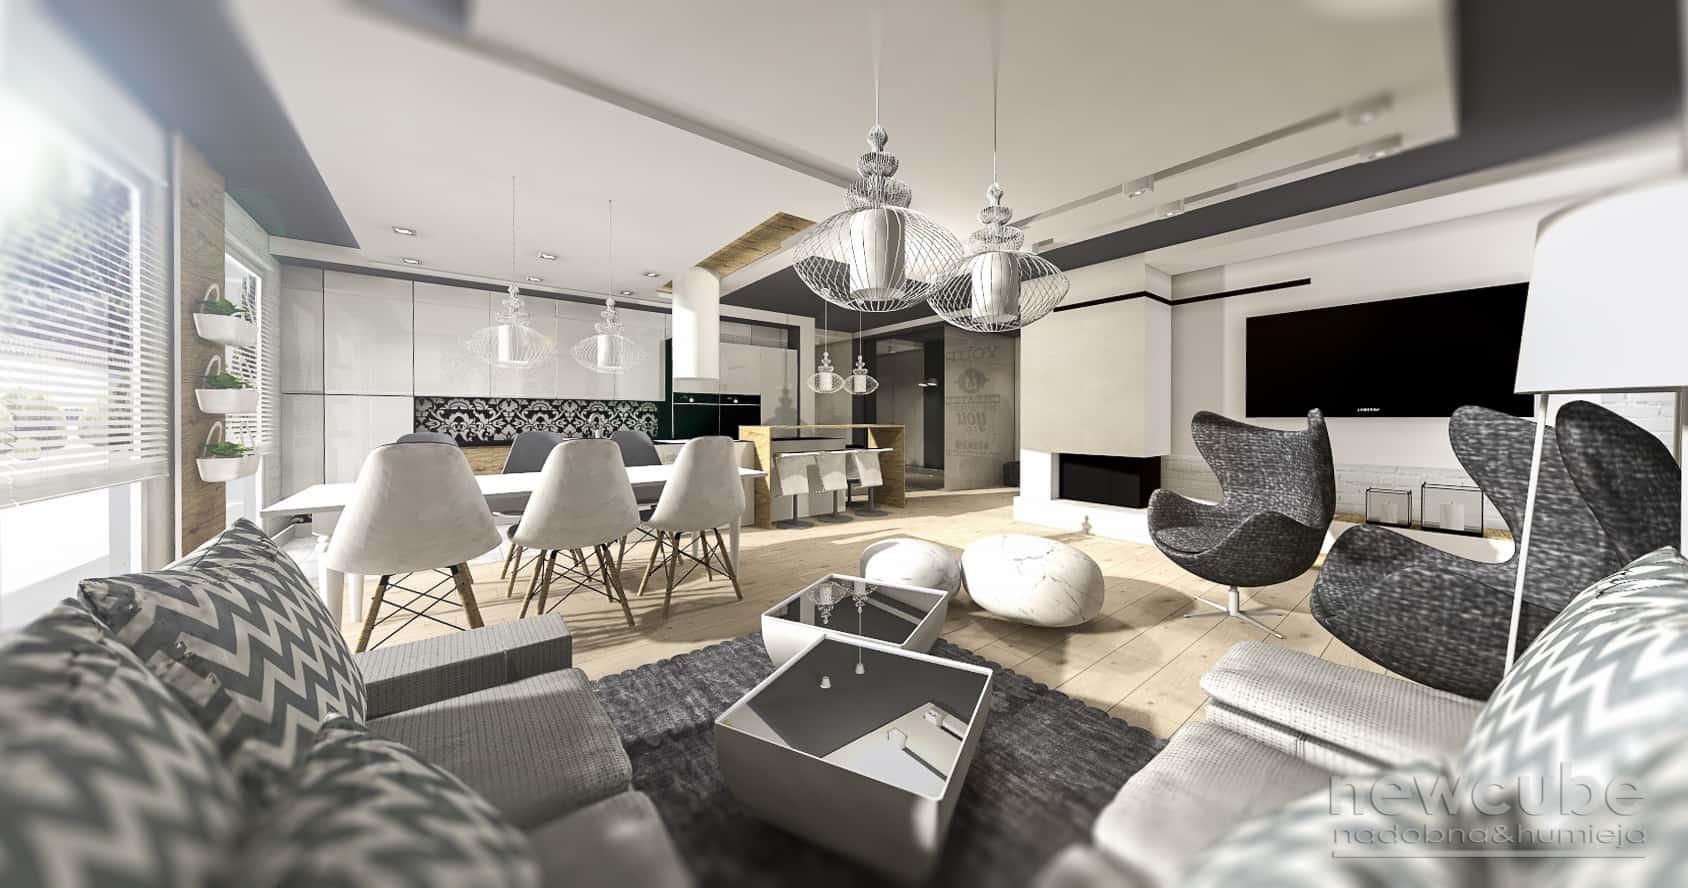 aranzacja-wnetrz-projekt-architekt-new-cube-220151104